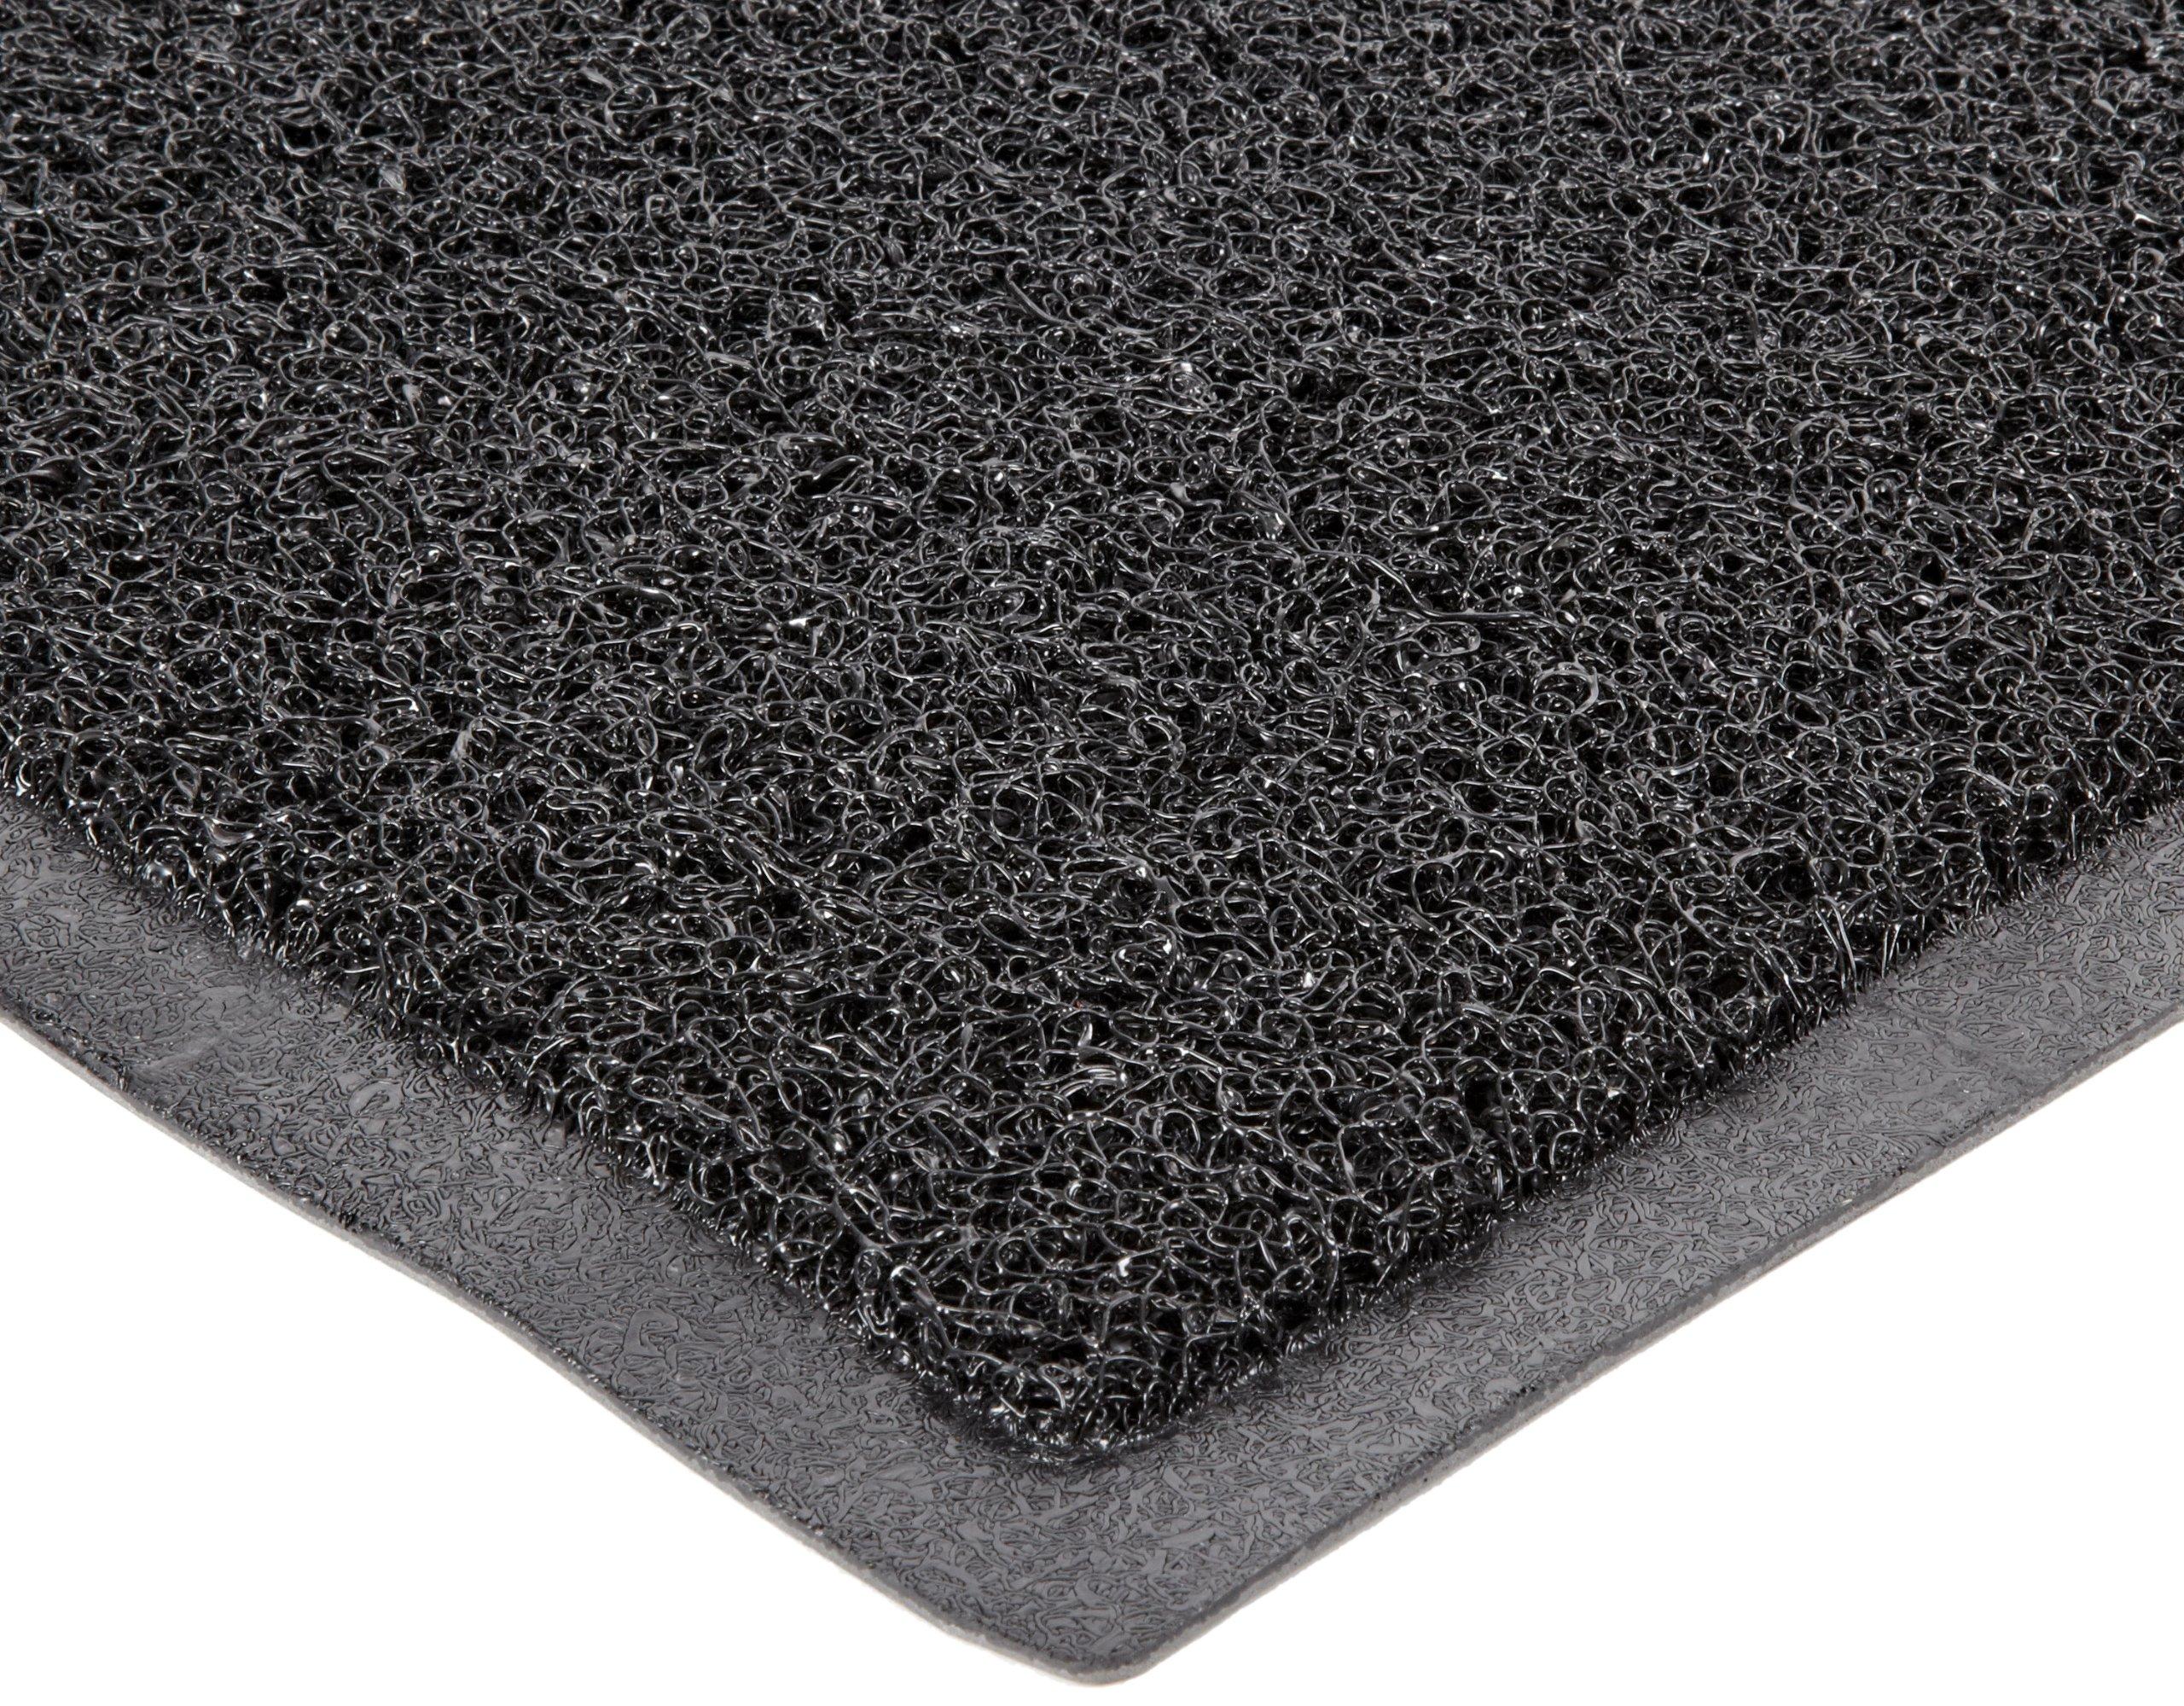 Durable DuraLoop Indoor/Outdoor Entrance Mat, 3' x 5', Black